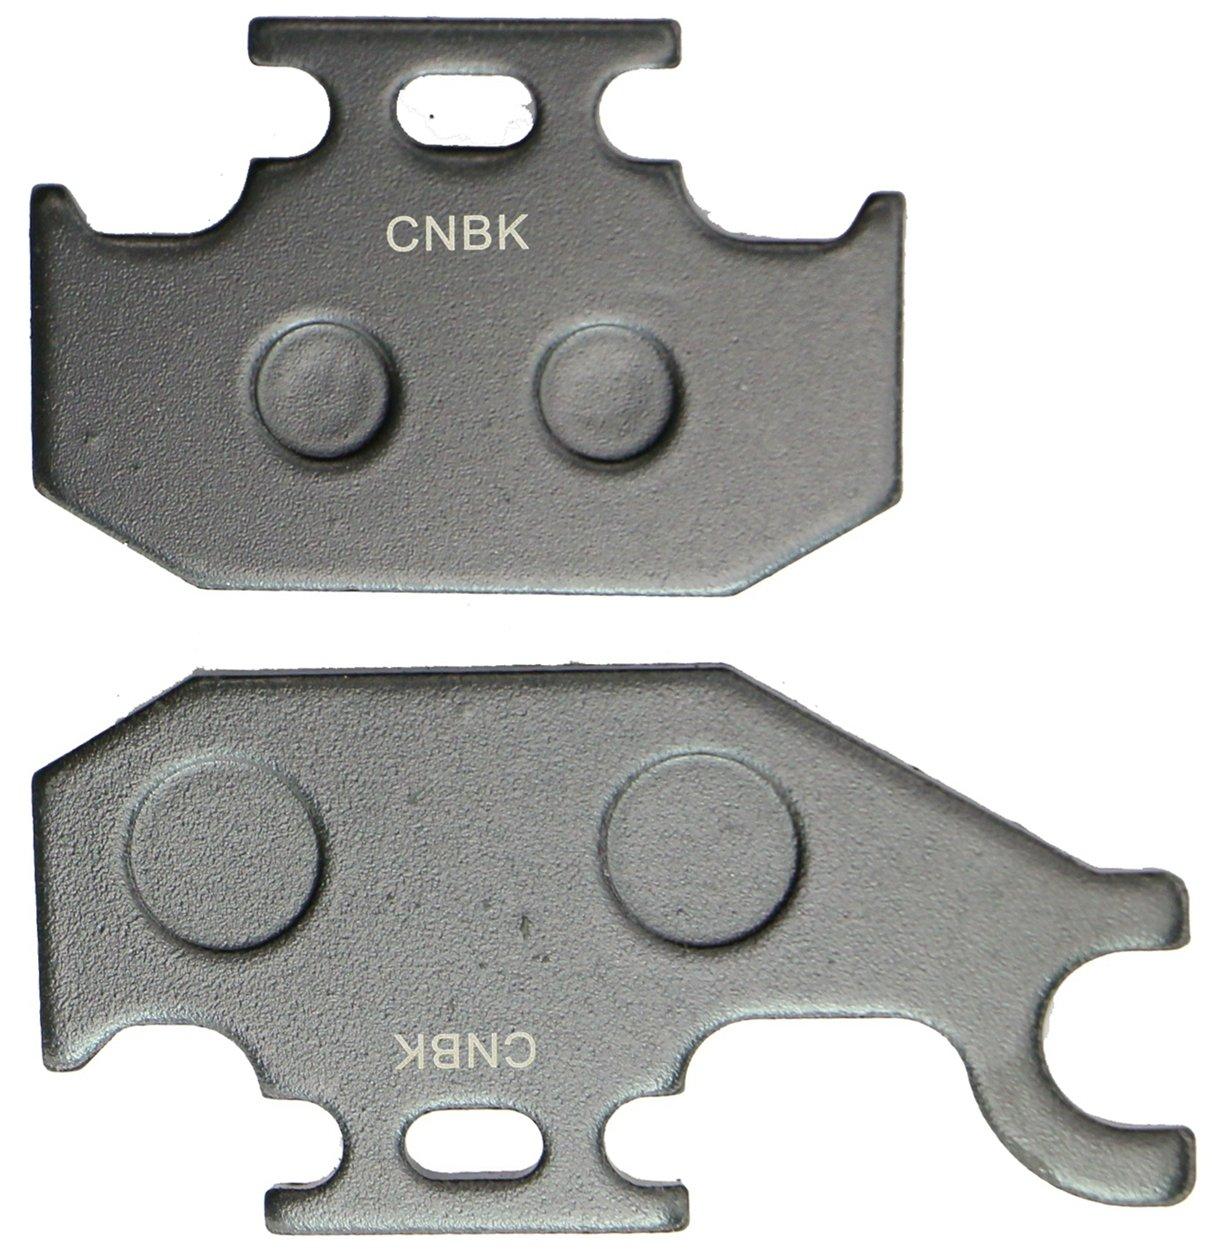 CNBK Carbon Brake Pads Set fit SUZUKI ATV Bike LT-A700 LT-A 700 cc 700cc King Quad 05 06 07 08 09 10 11 12 13 14 15 2005 2006 2007 2008 2009 2010 2011 2012 2013 2014 2015 4 Pads